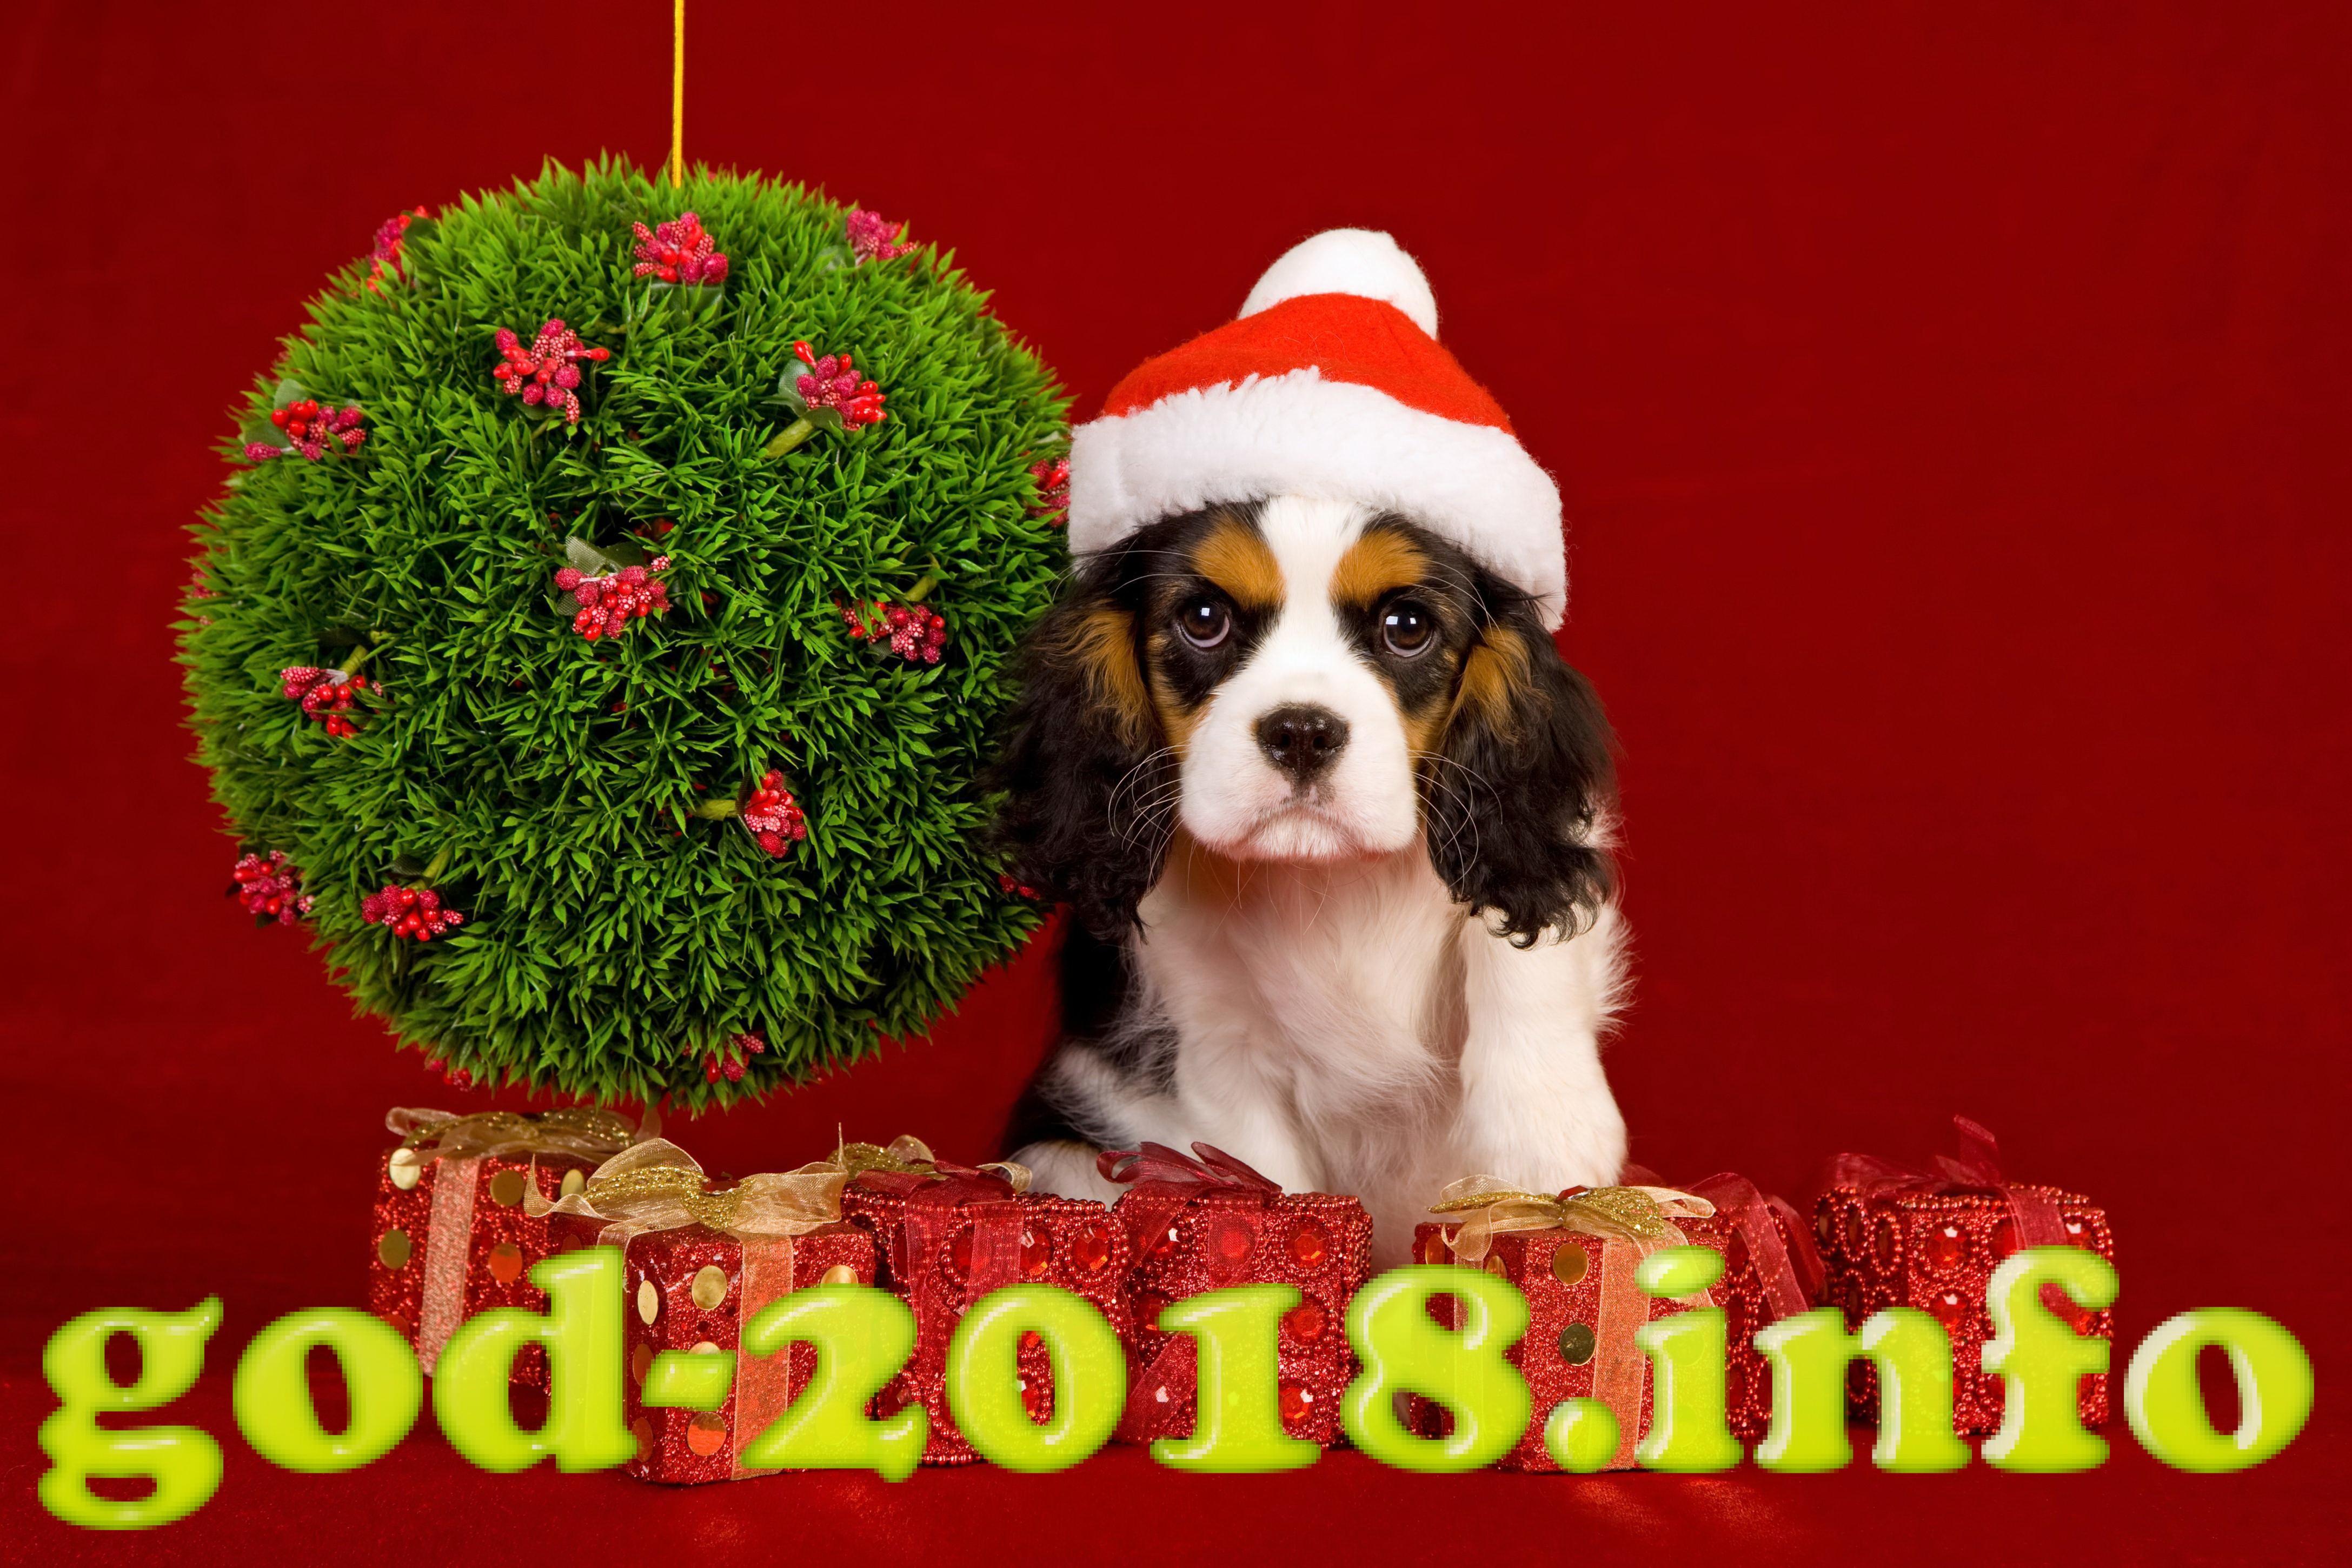 luchshie-idei-novogodnih-podarkov-2018-goda